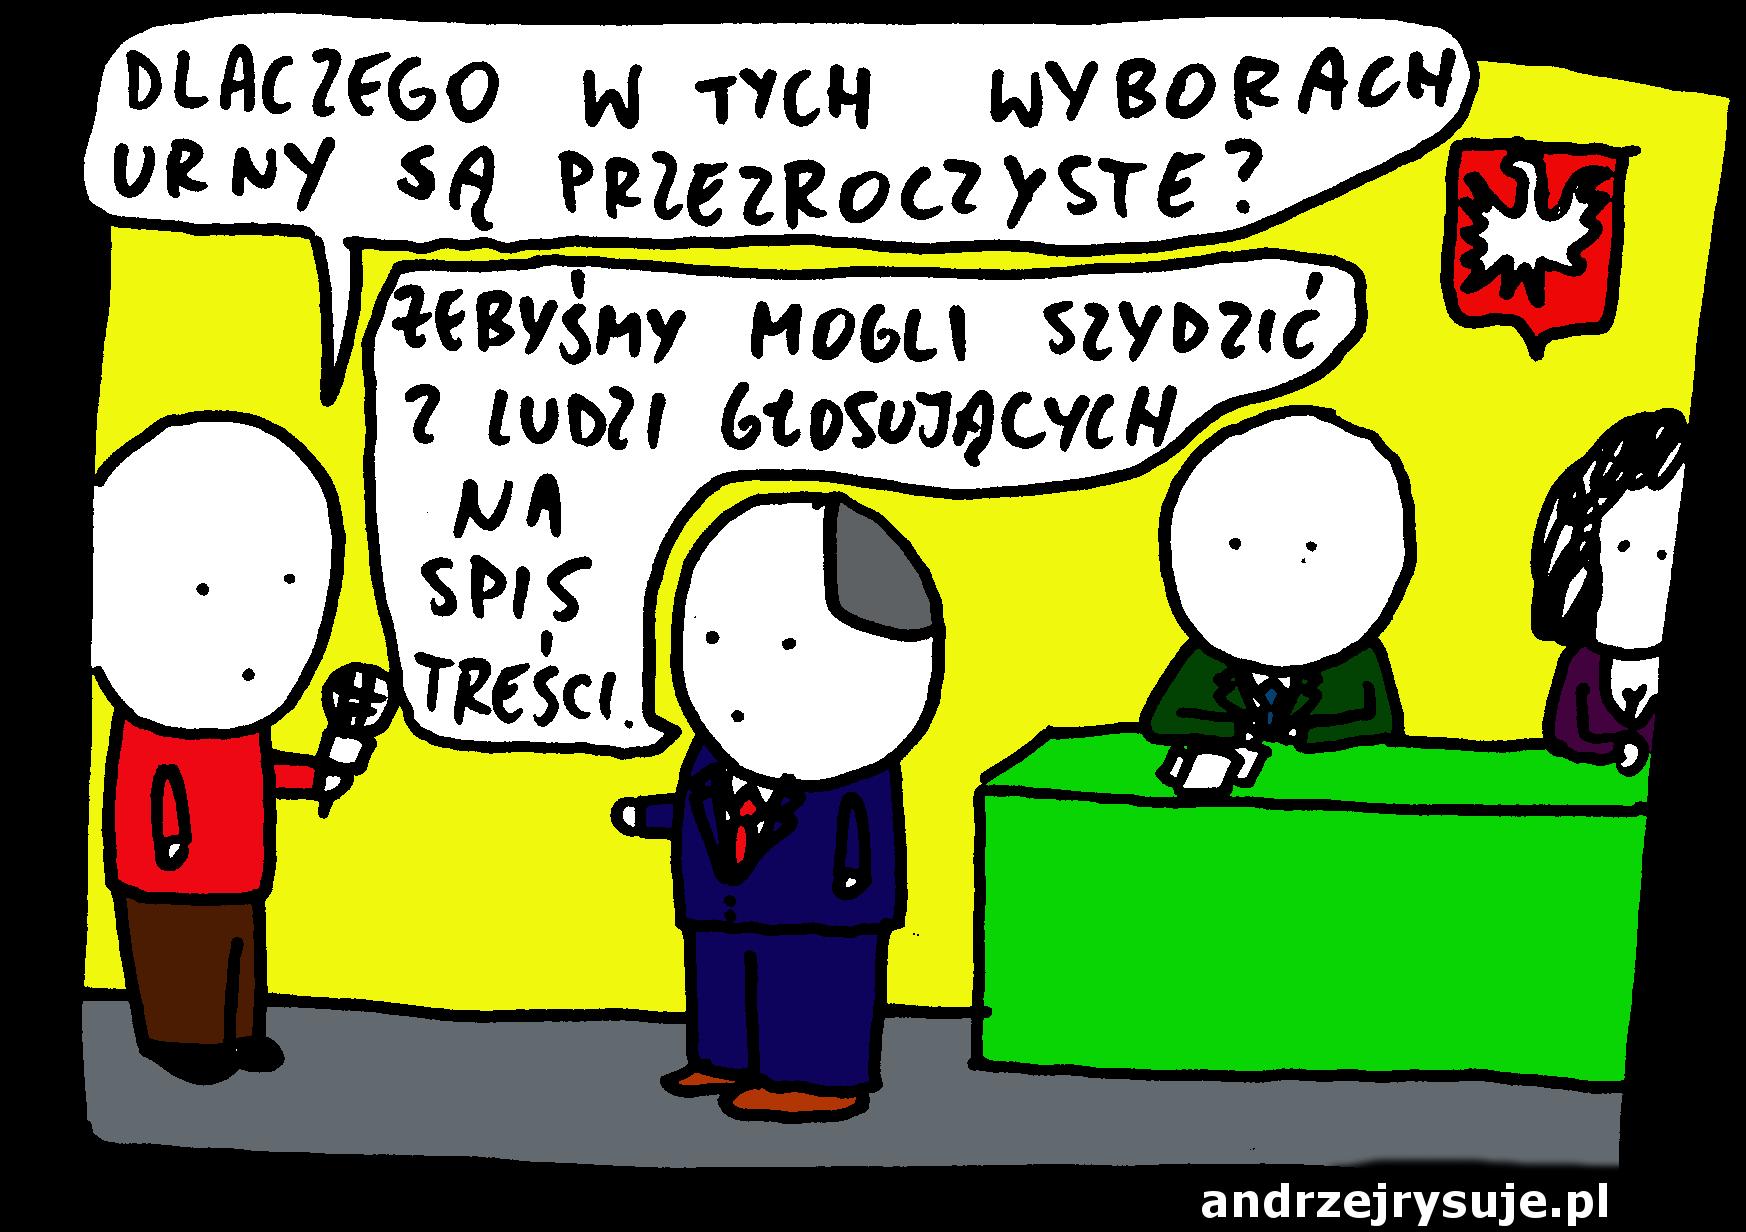 andrzejrysuje1